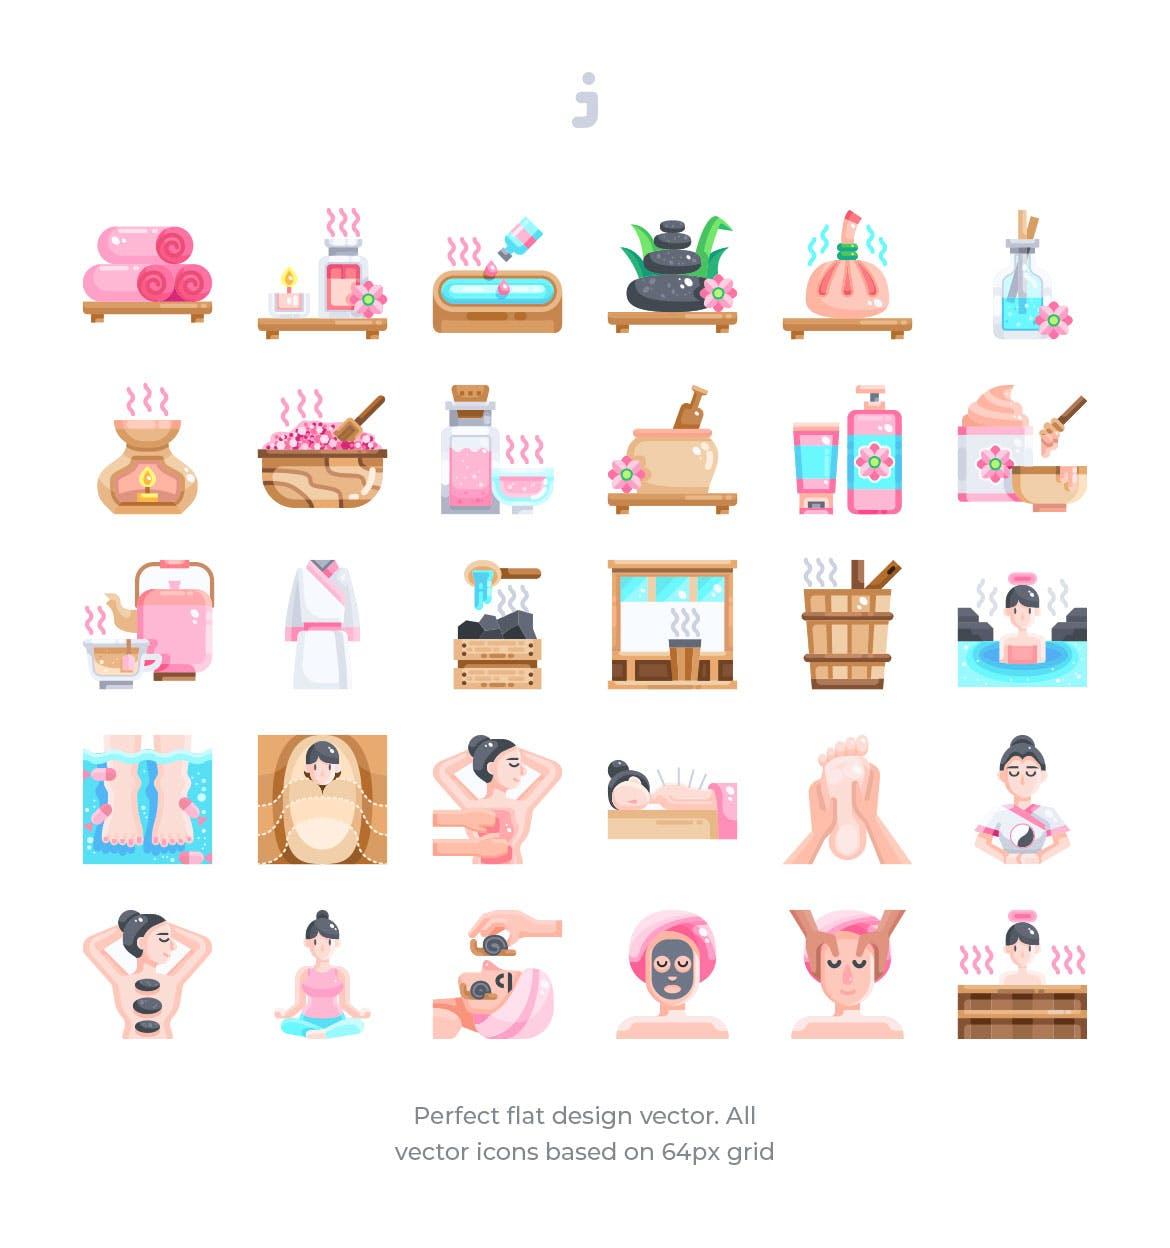 30个水疗和治疗图标源文件下载30 Spa and therapy Icons Flat插图(1)